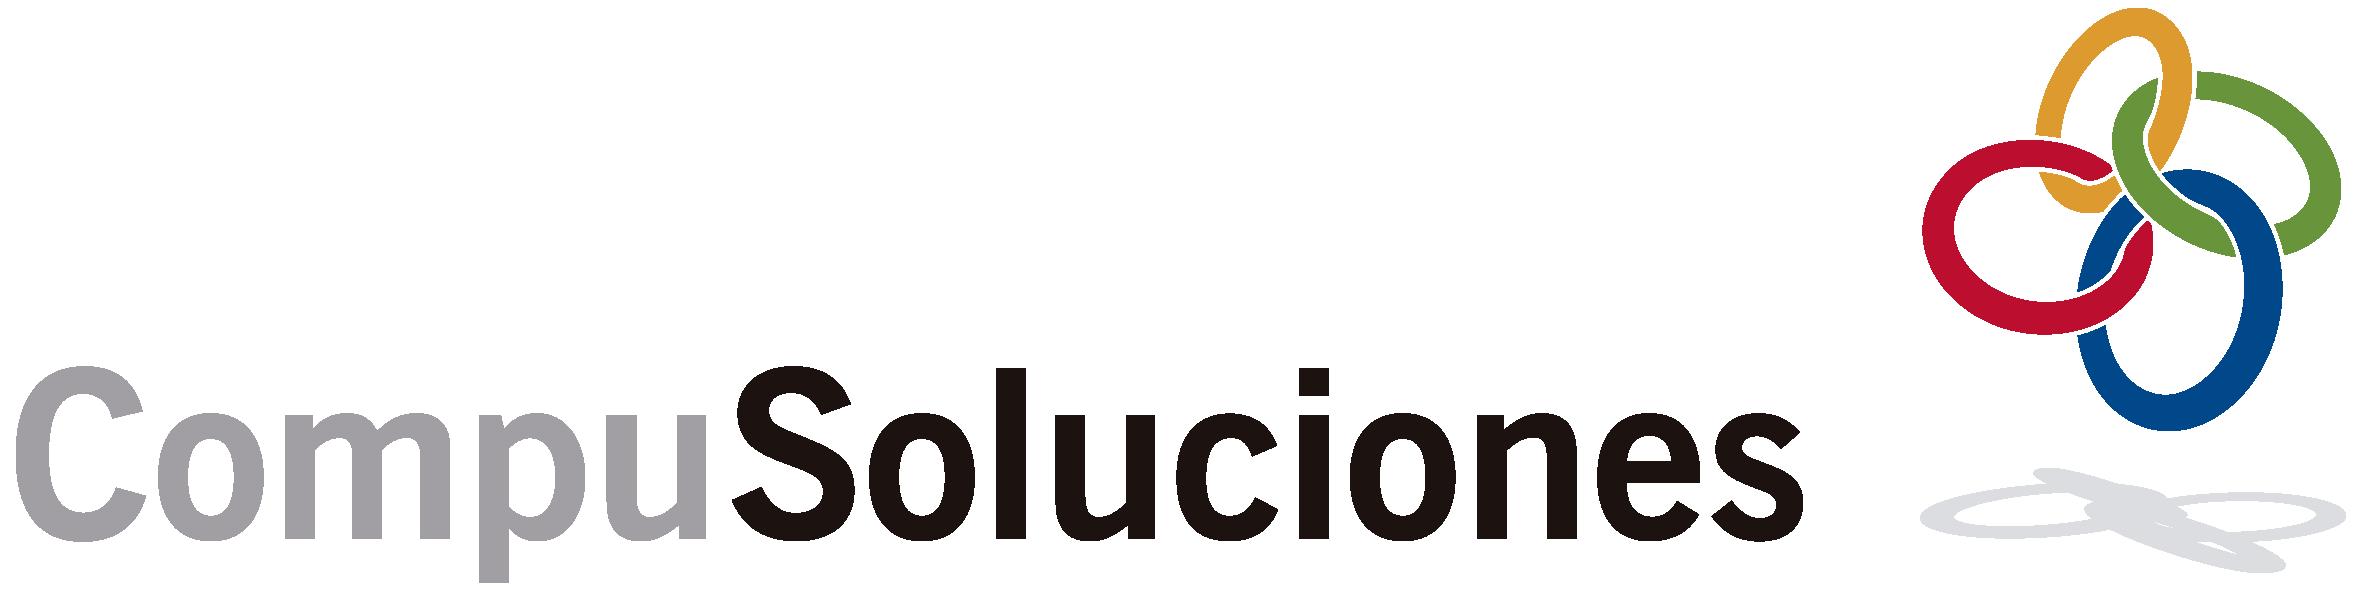 compu soluciones